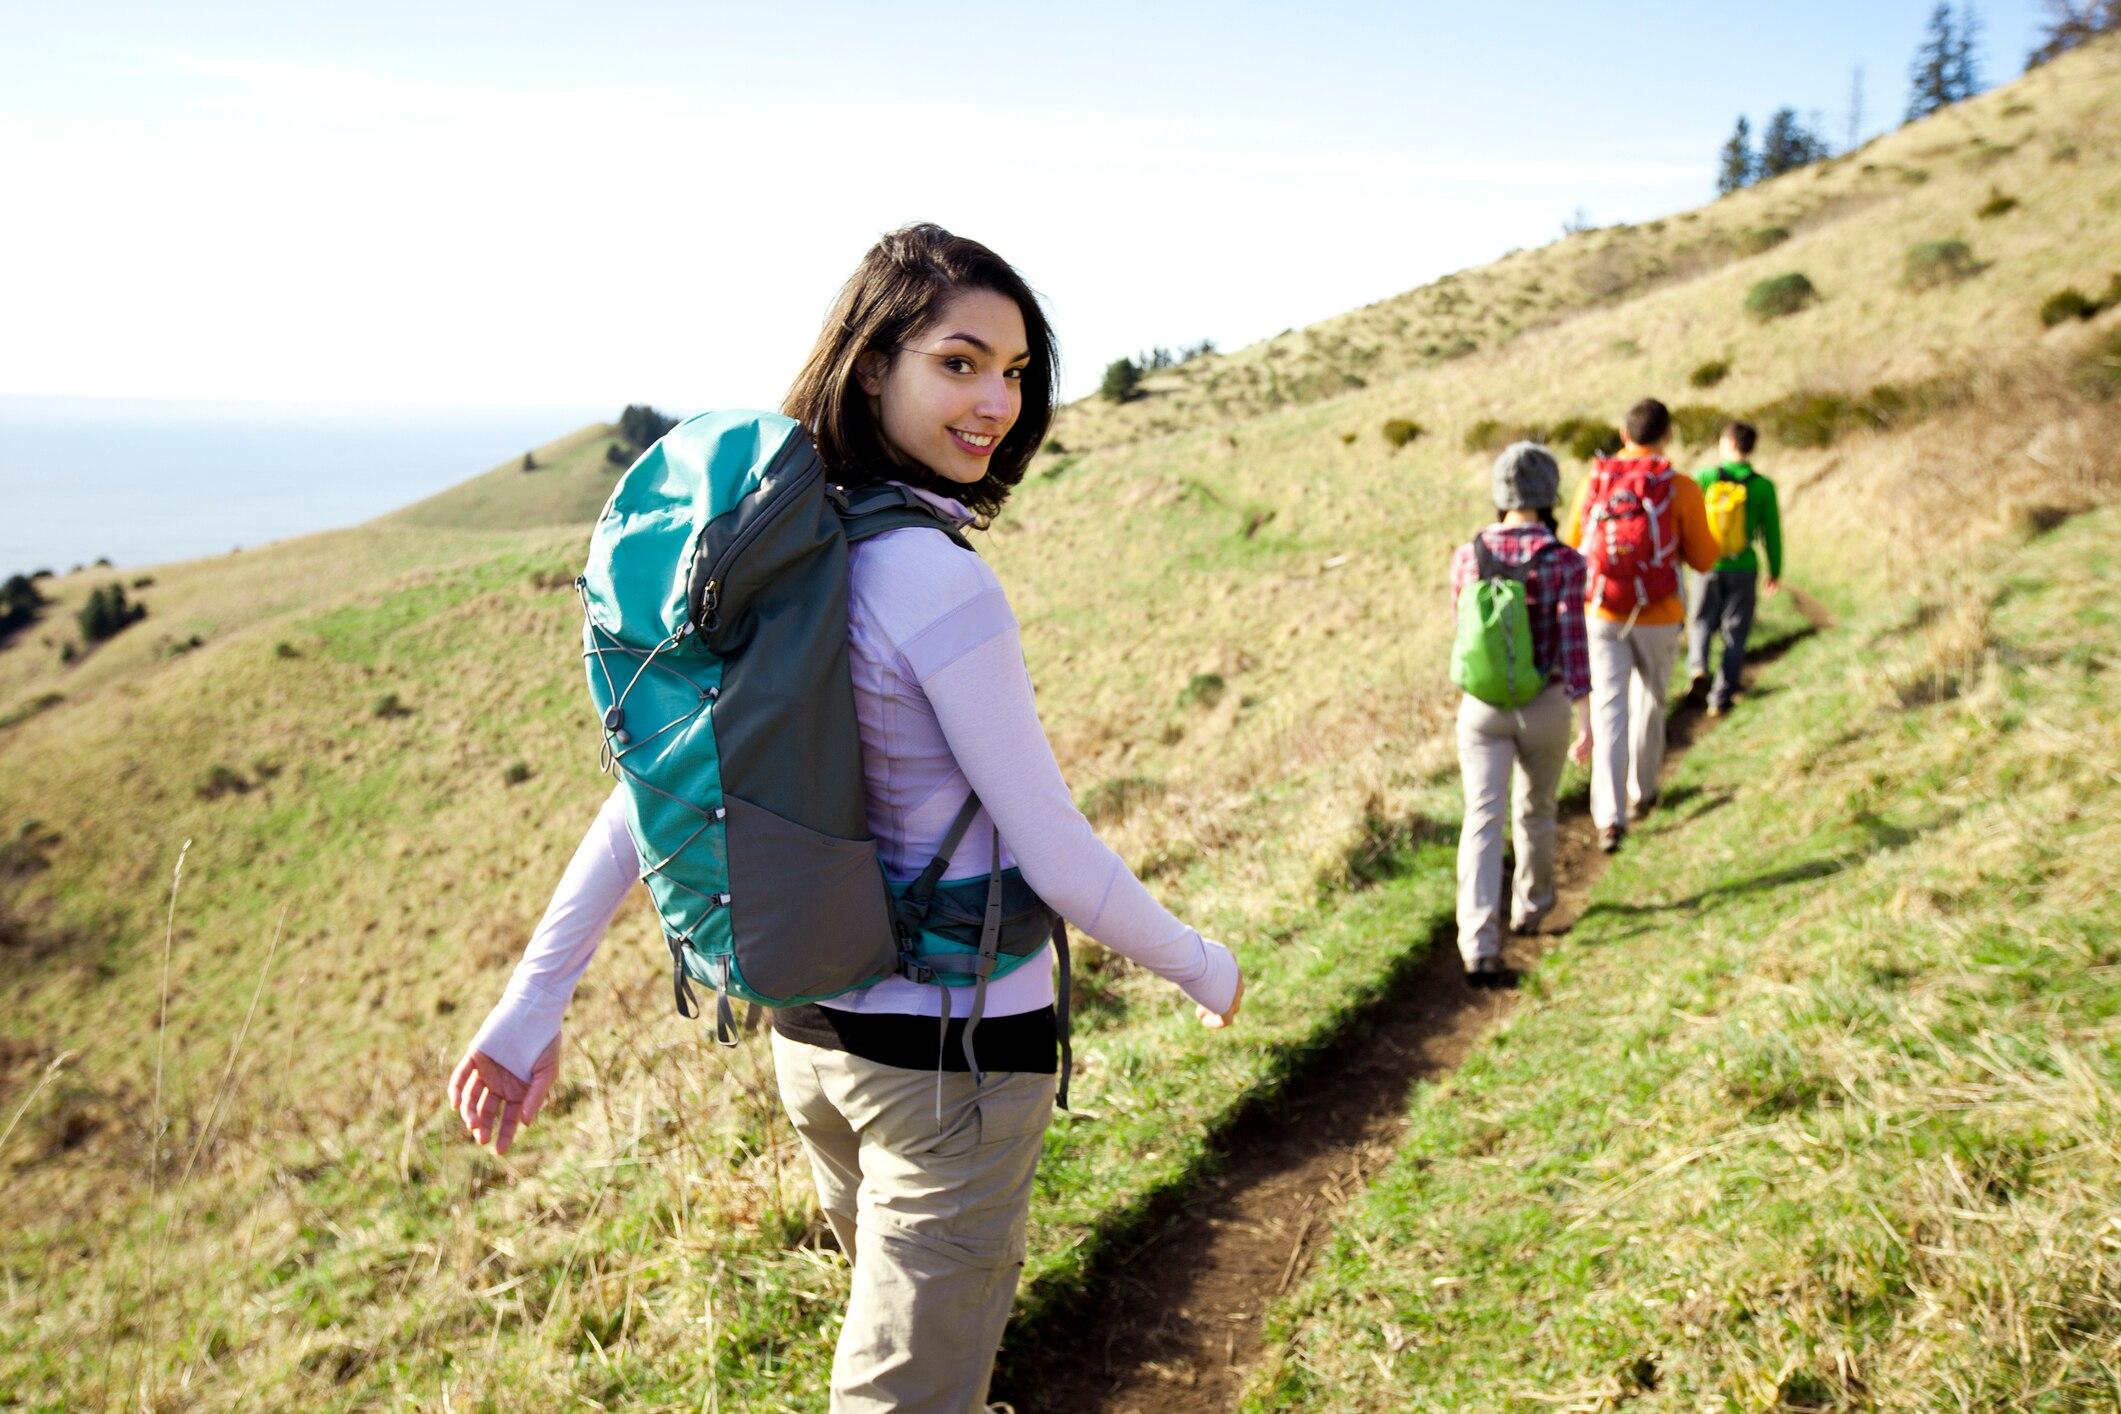 Diese typischen Fehler beim Wandern sollten Sie unbedingt vermeiden